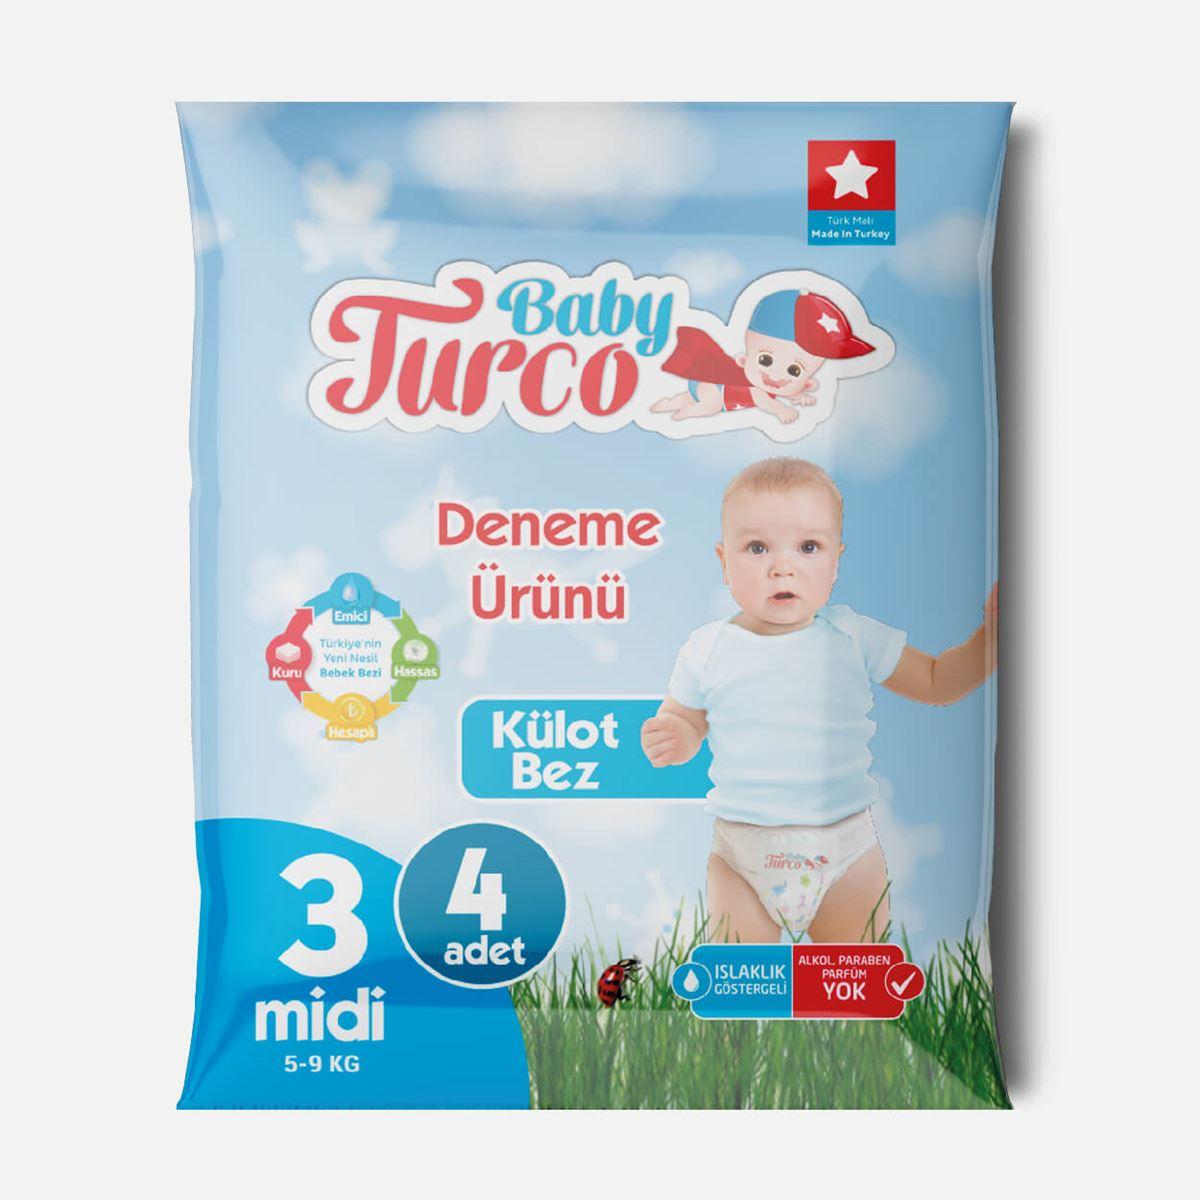 Baby Turco Külot Bez 3 Numara Midi Deneme Ürünü